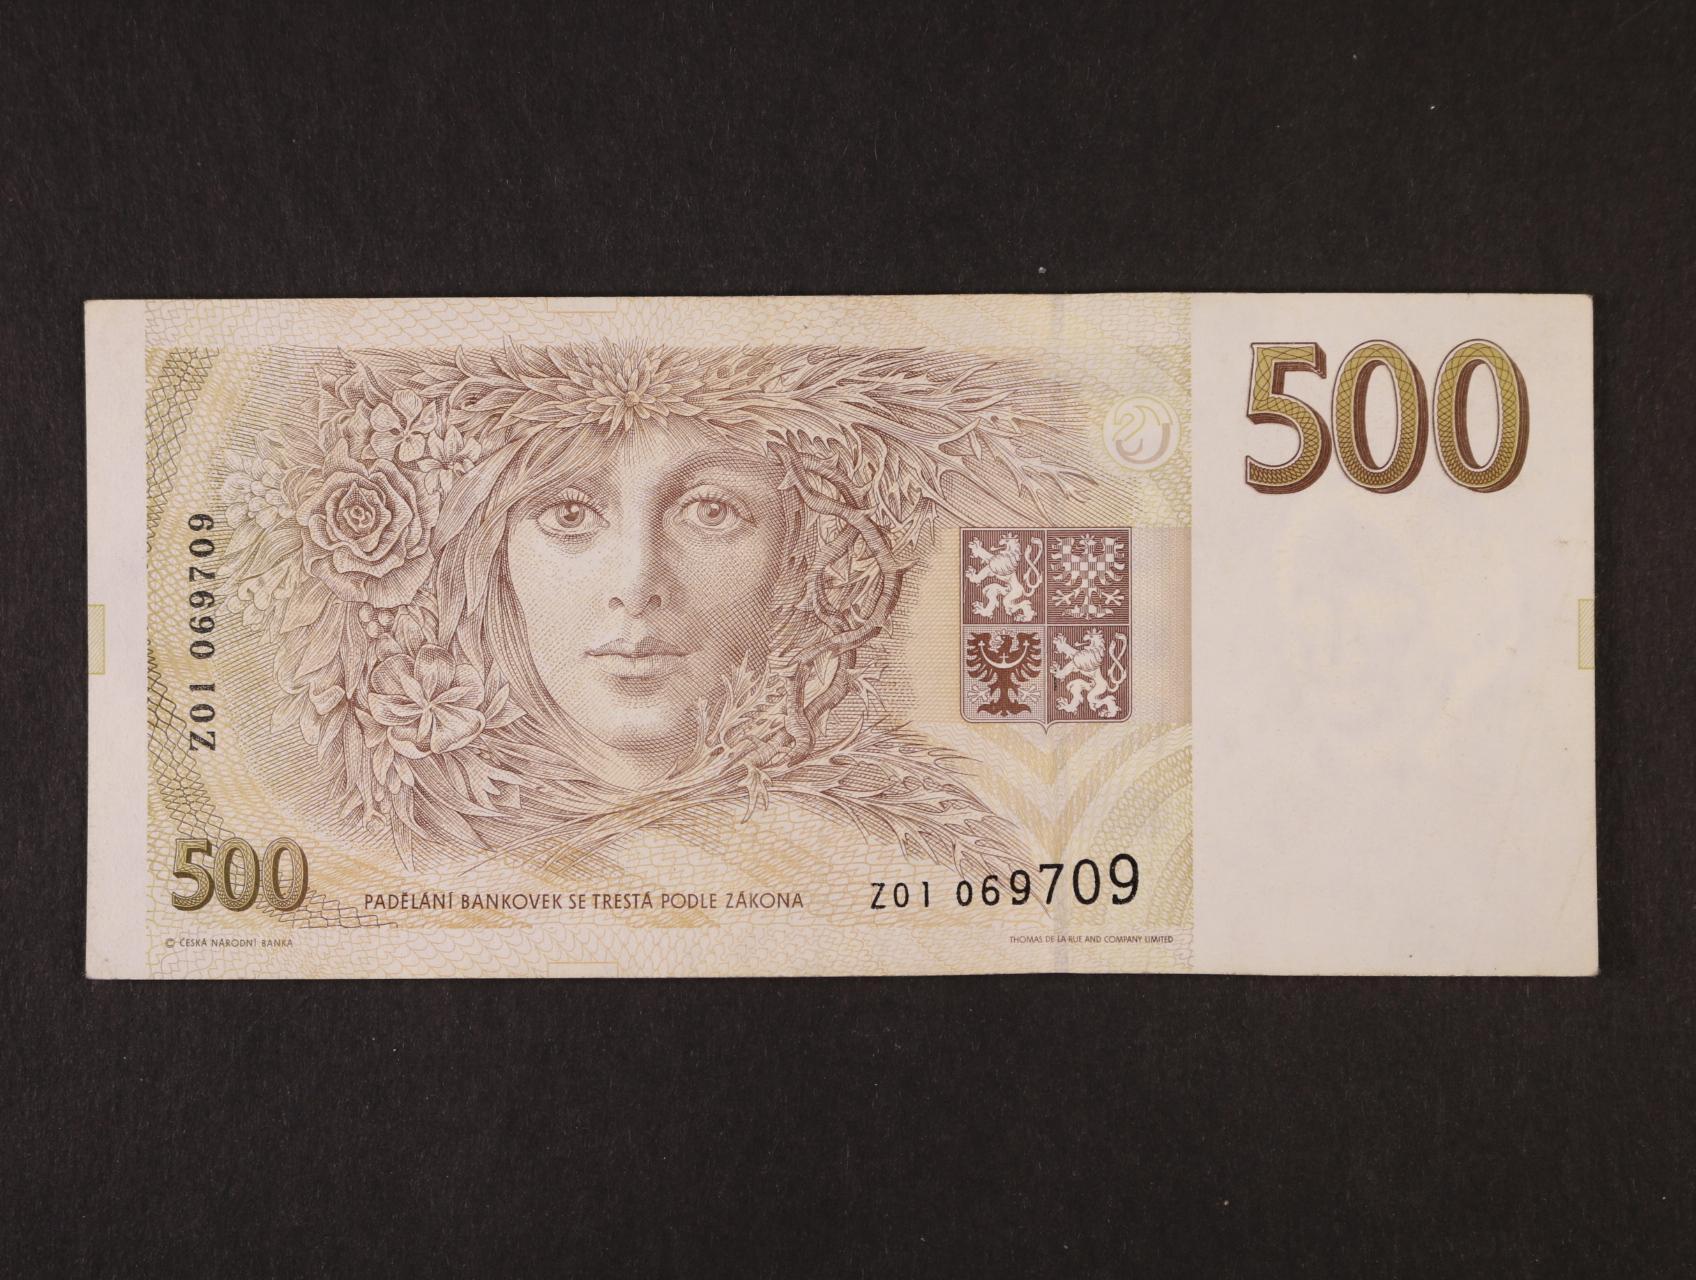 500 Kč 1993 série Z 01, Ba. CZ 7b, Pi. 7r